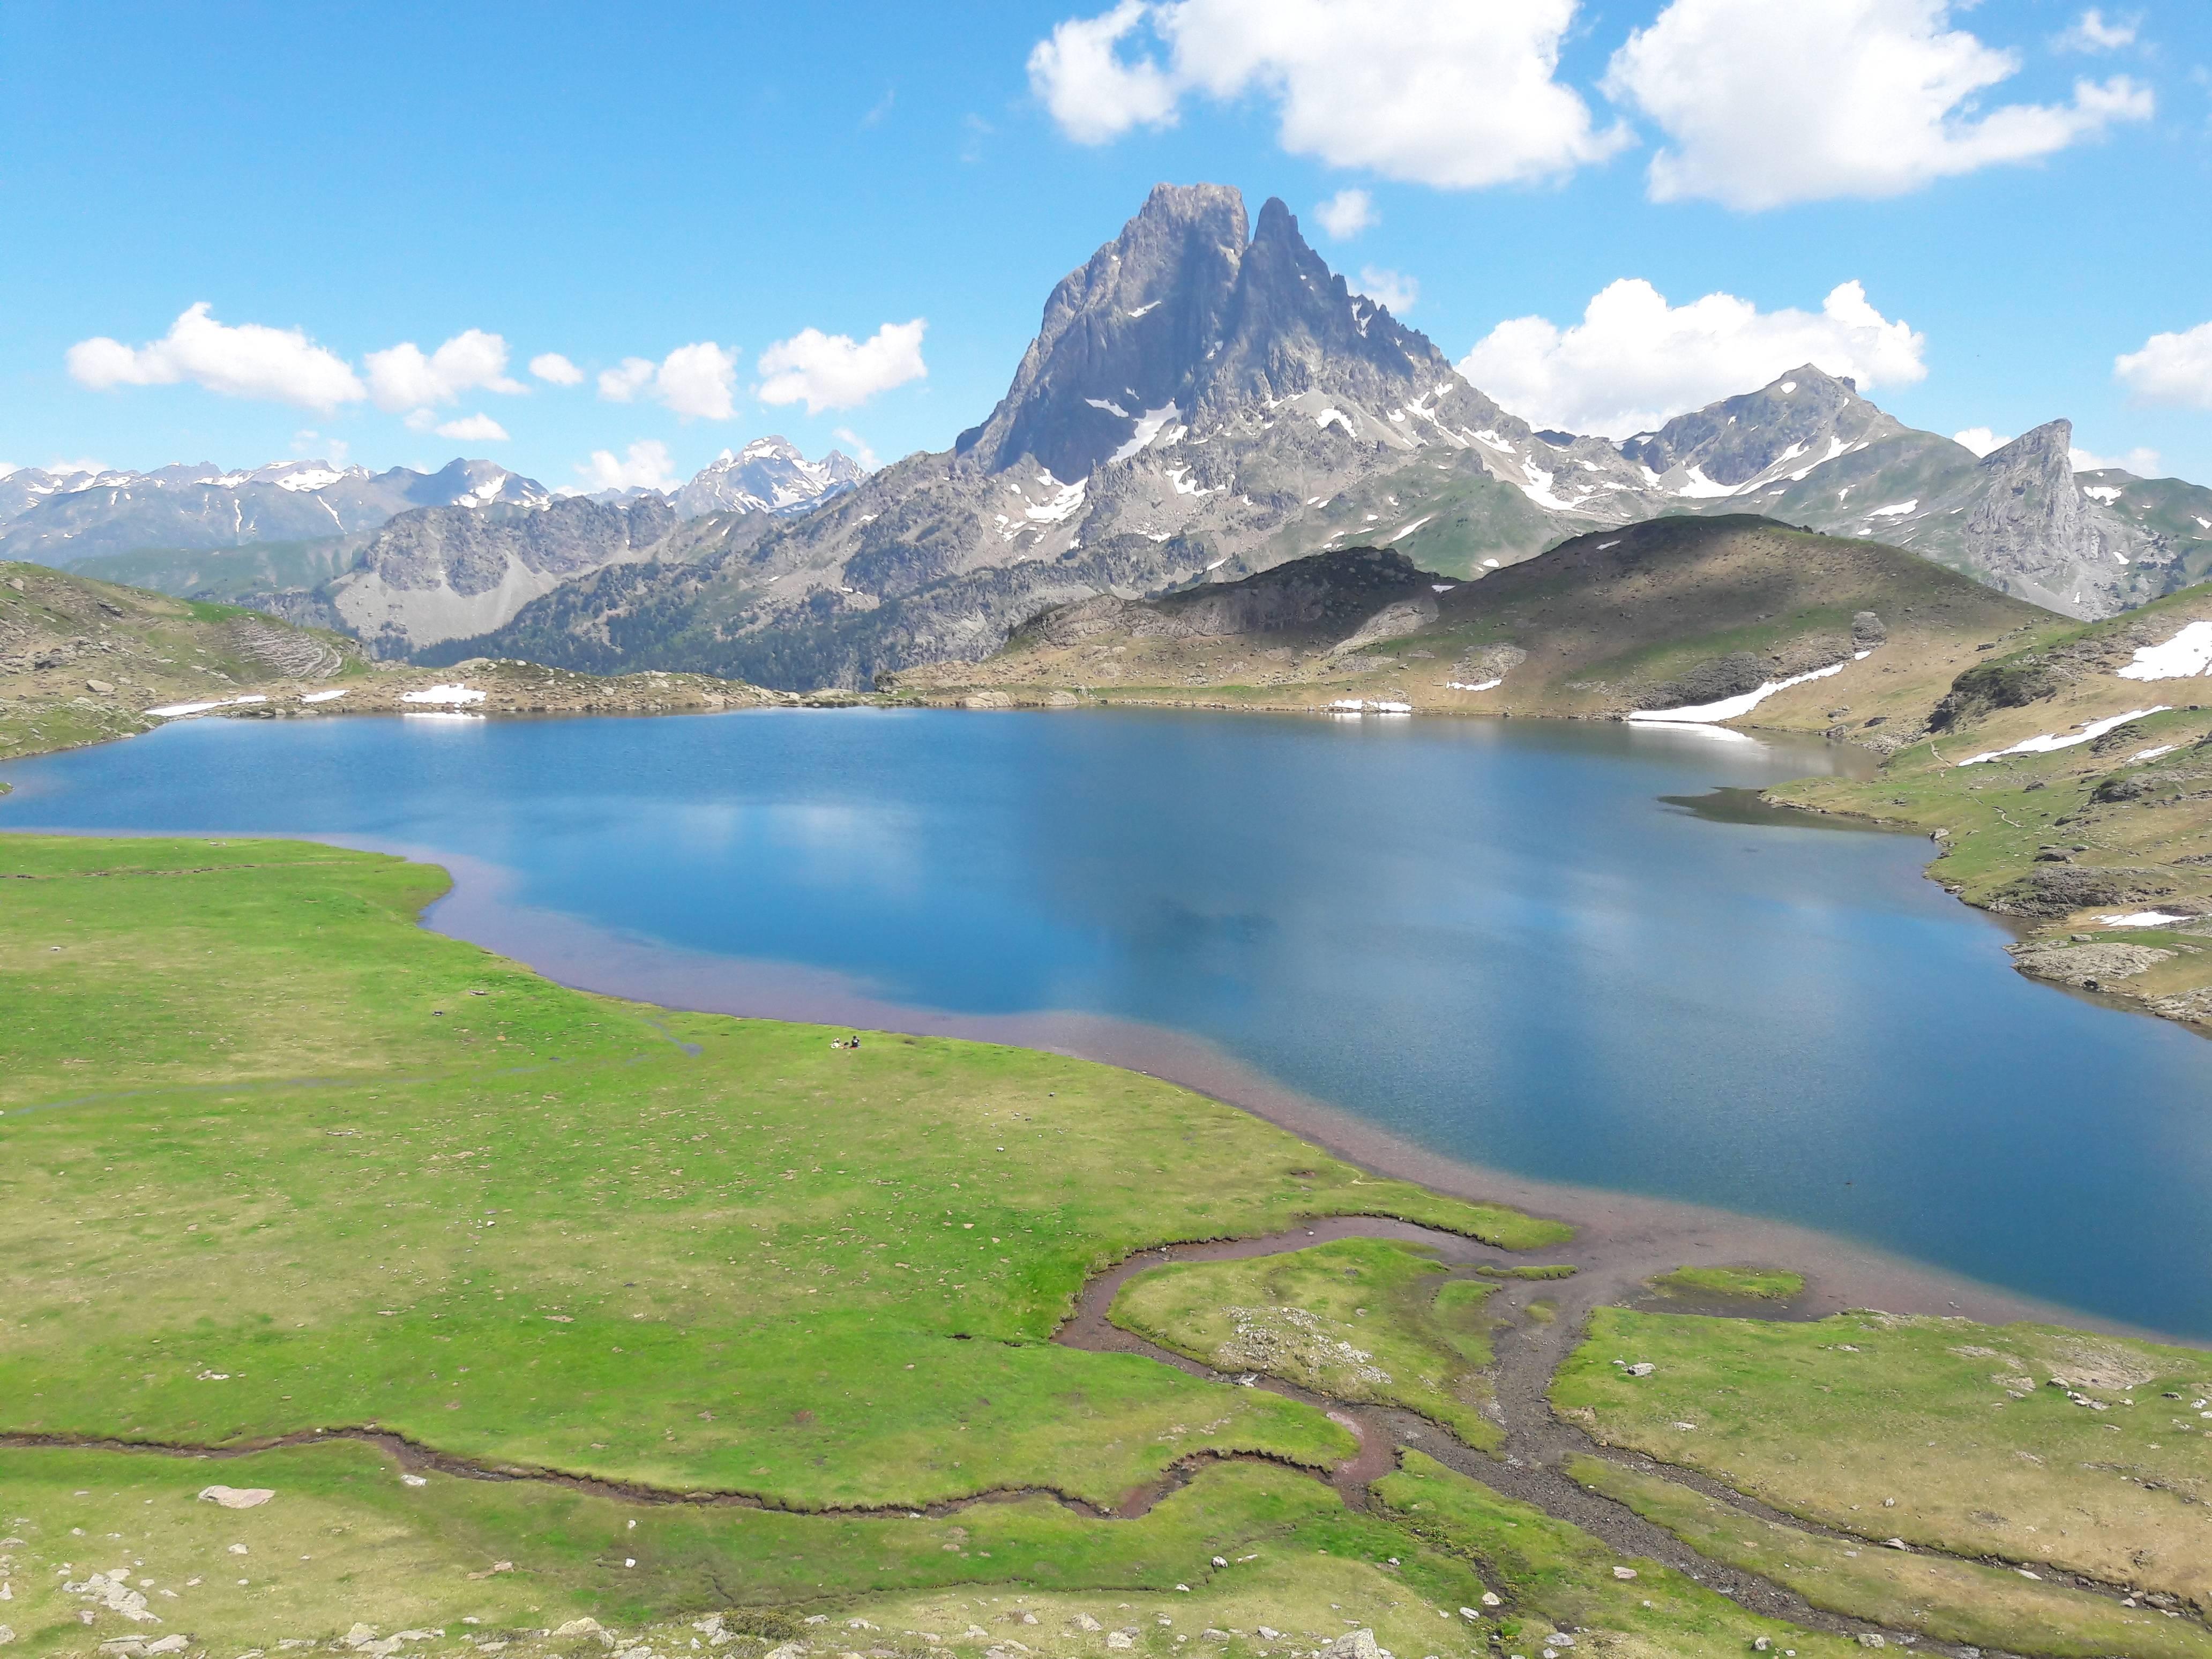 Photo 2: Tour des lacs d'Ayous, paysages incroyables !